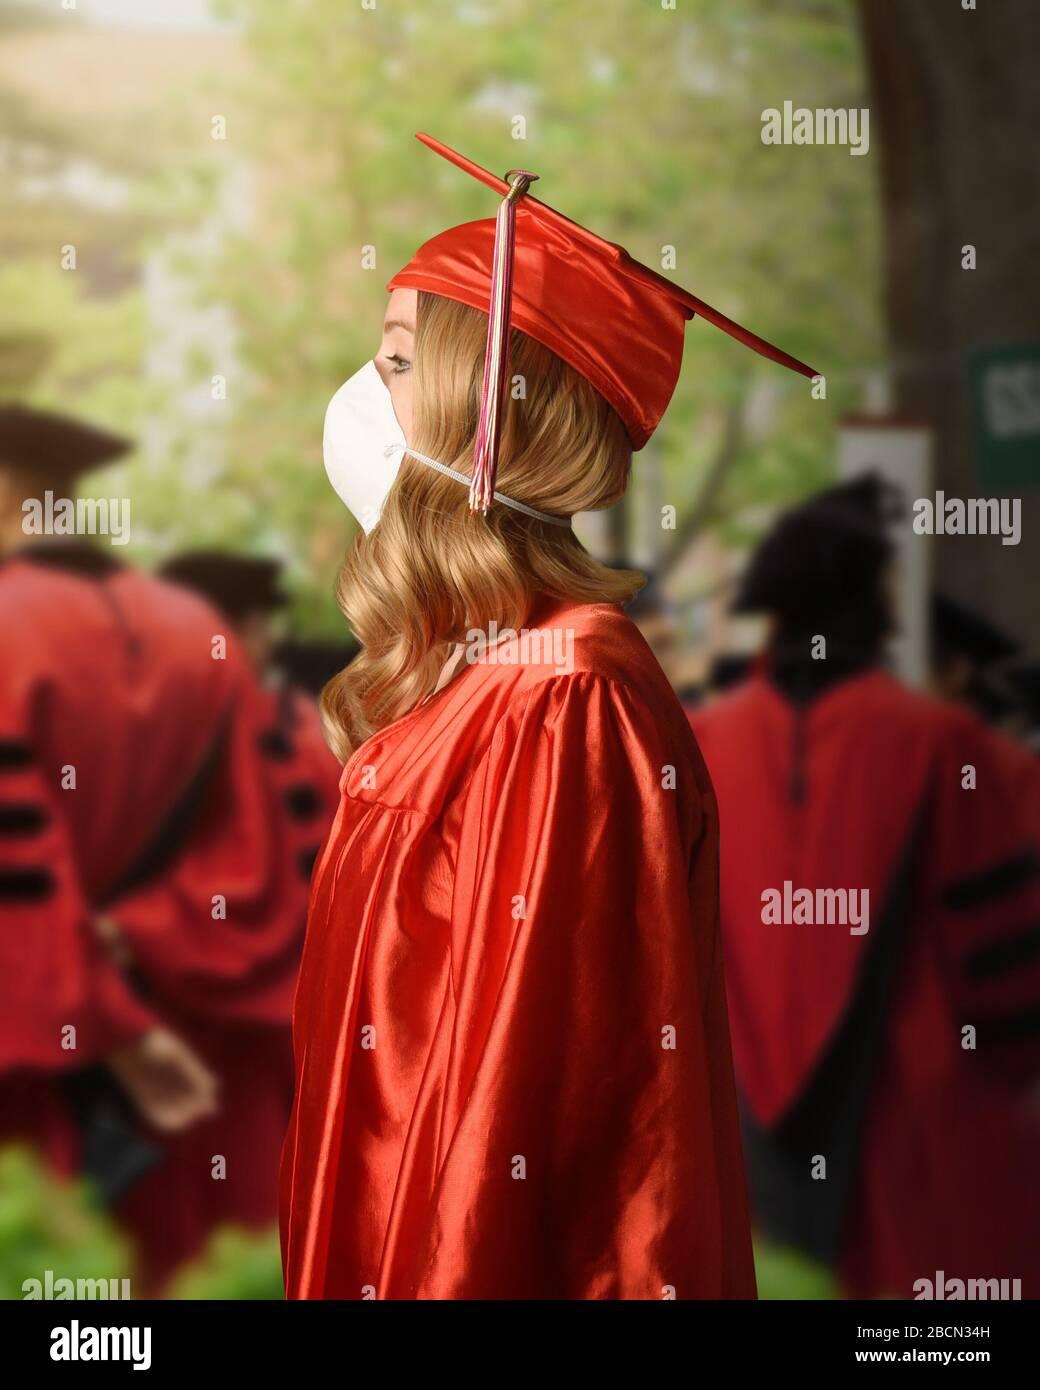 Un diplômé de l'université porte une robe rouge et une cape avec un masque facial surgerique pour la peur du coronavirus sur la classe de 2020. Banque D'Images